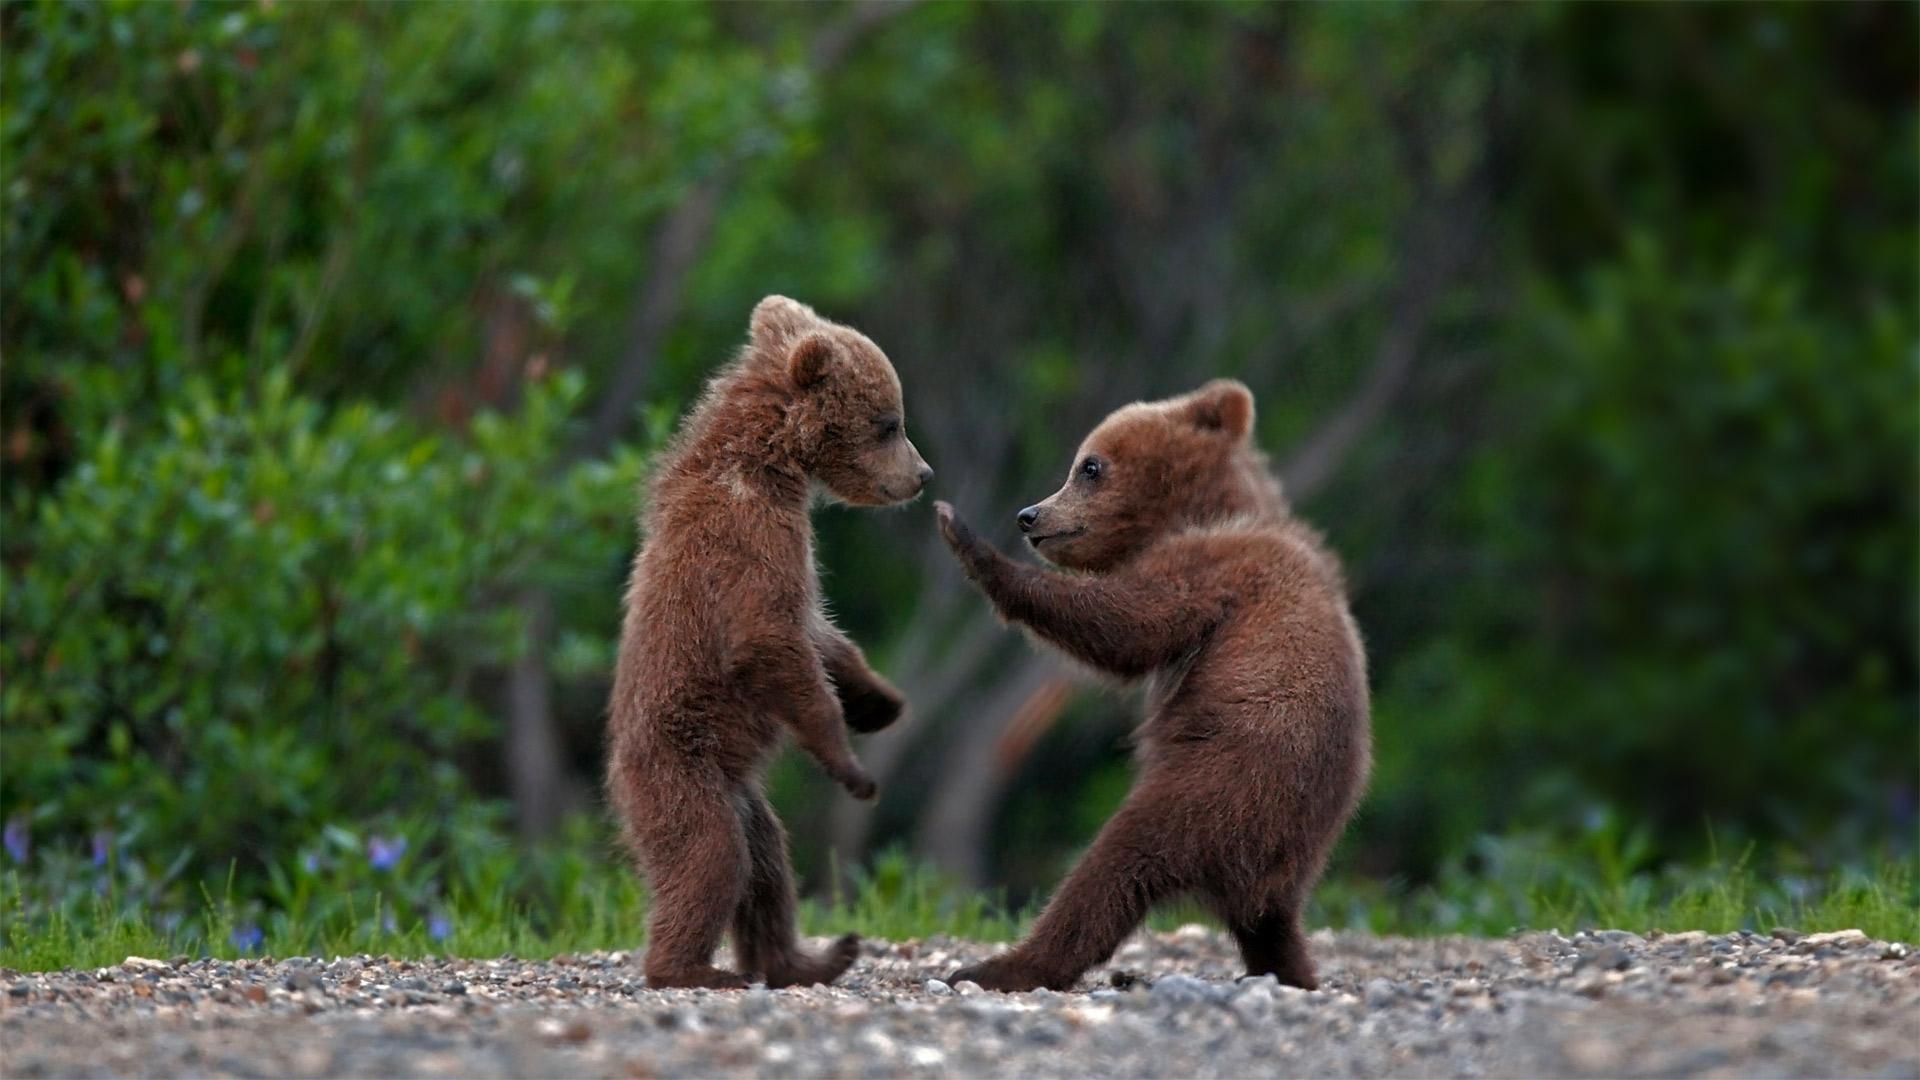 Sibling Bears